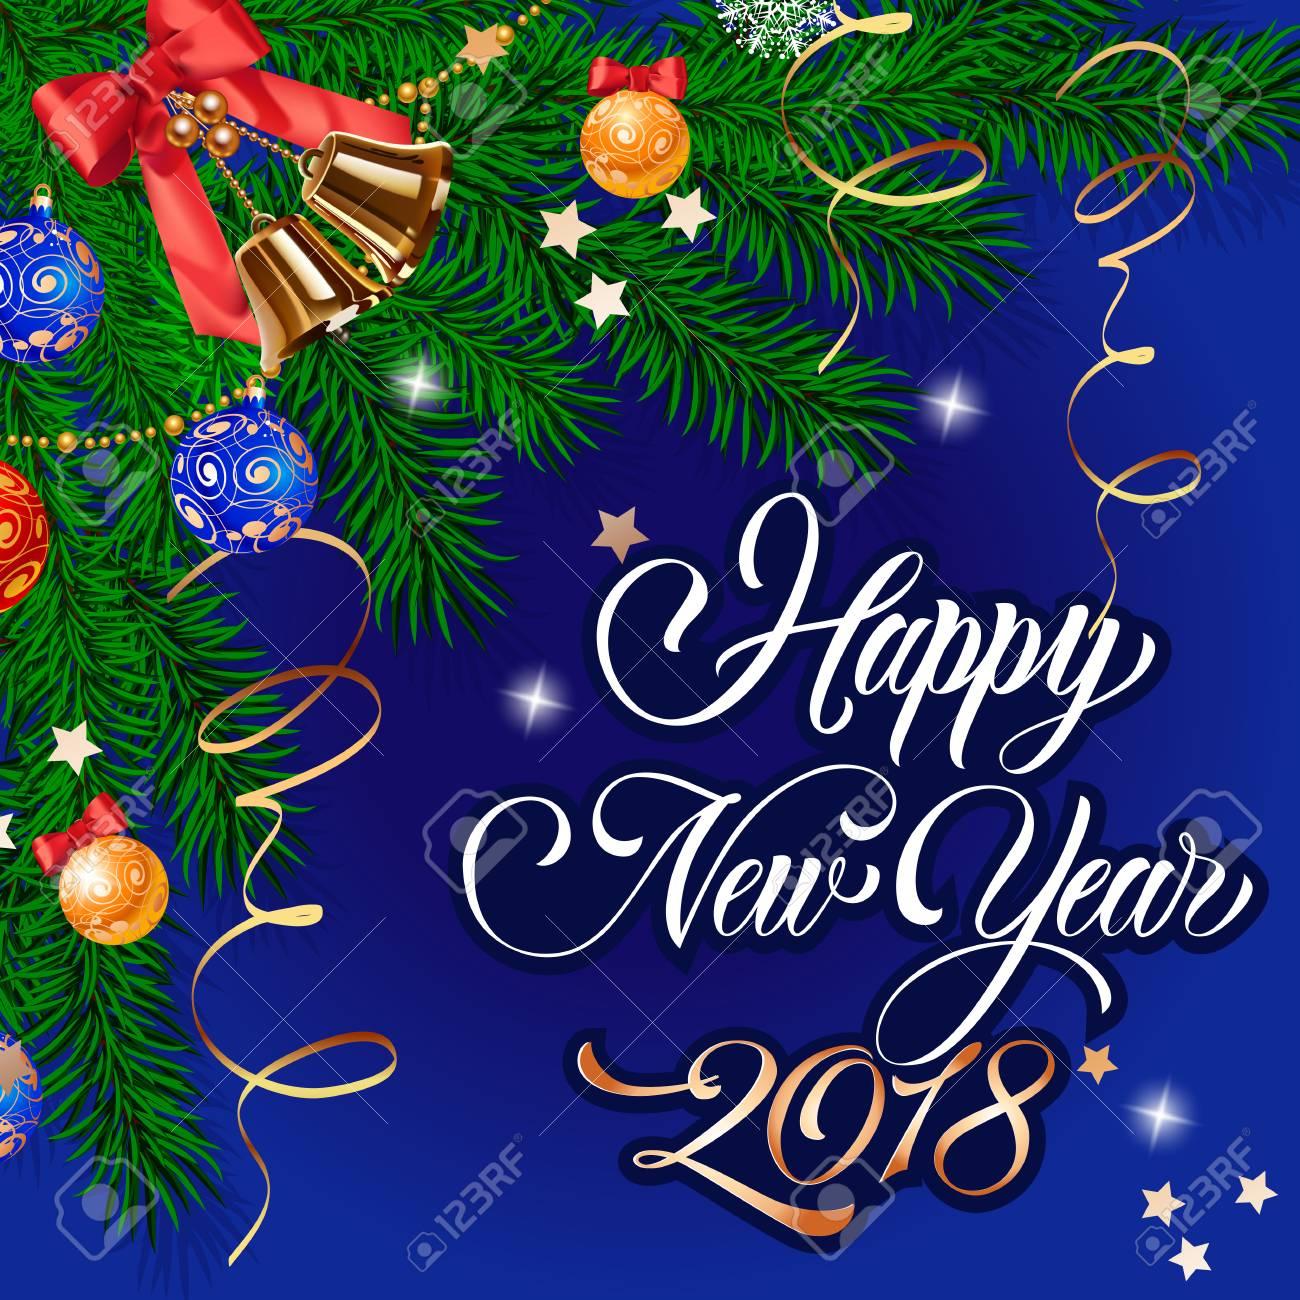 Frohes Neues Jahr 2018 Schriftzug. Lizenzfrei Nutzbare ...